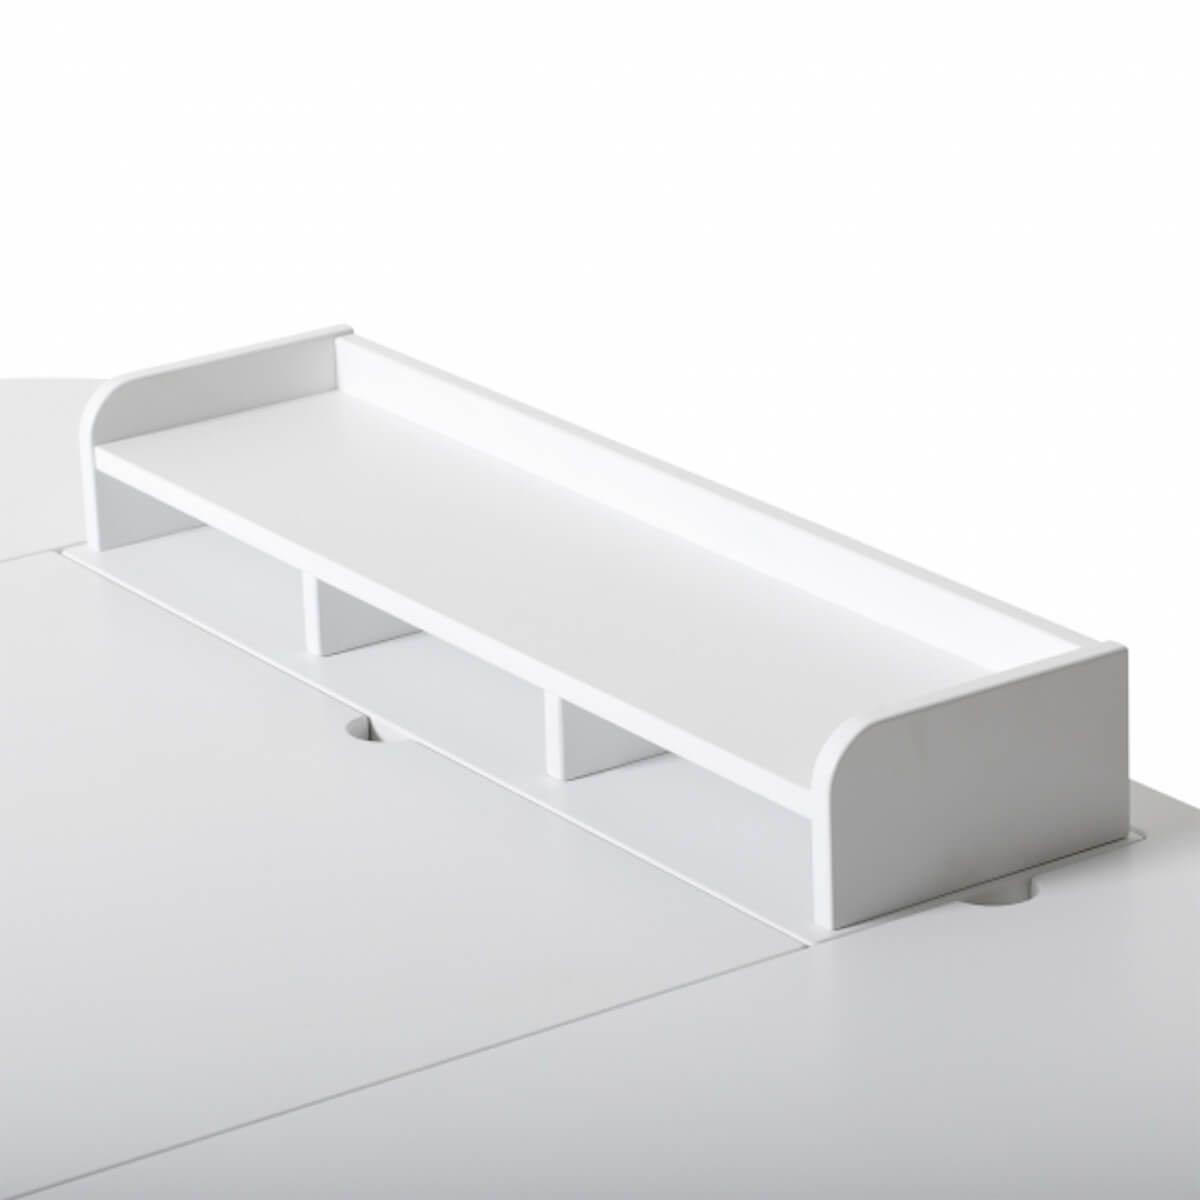 Escritorio 66cm WOOD Oliver Furniture blanco-roble